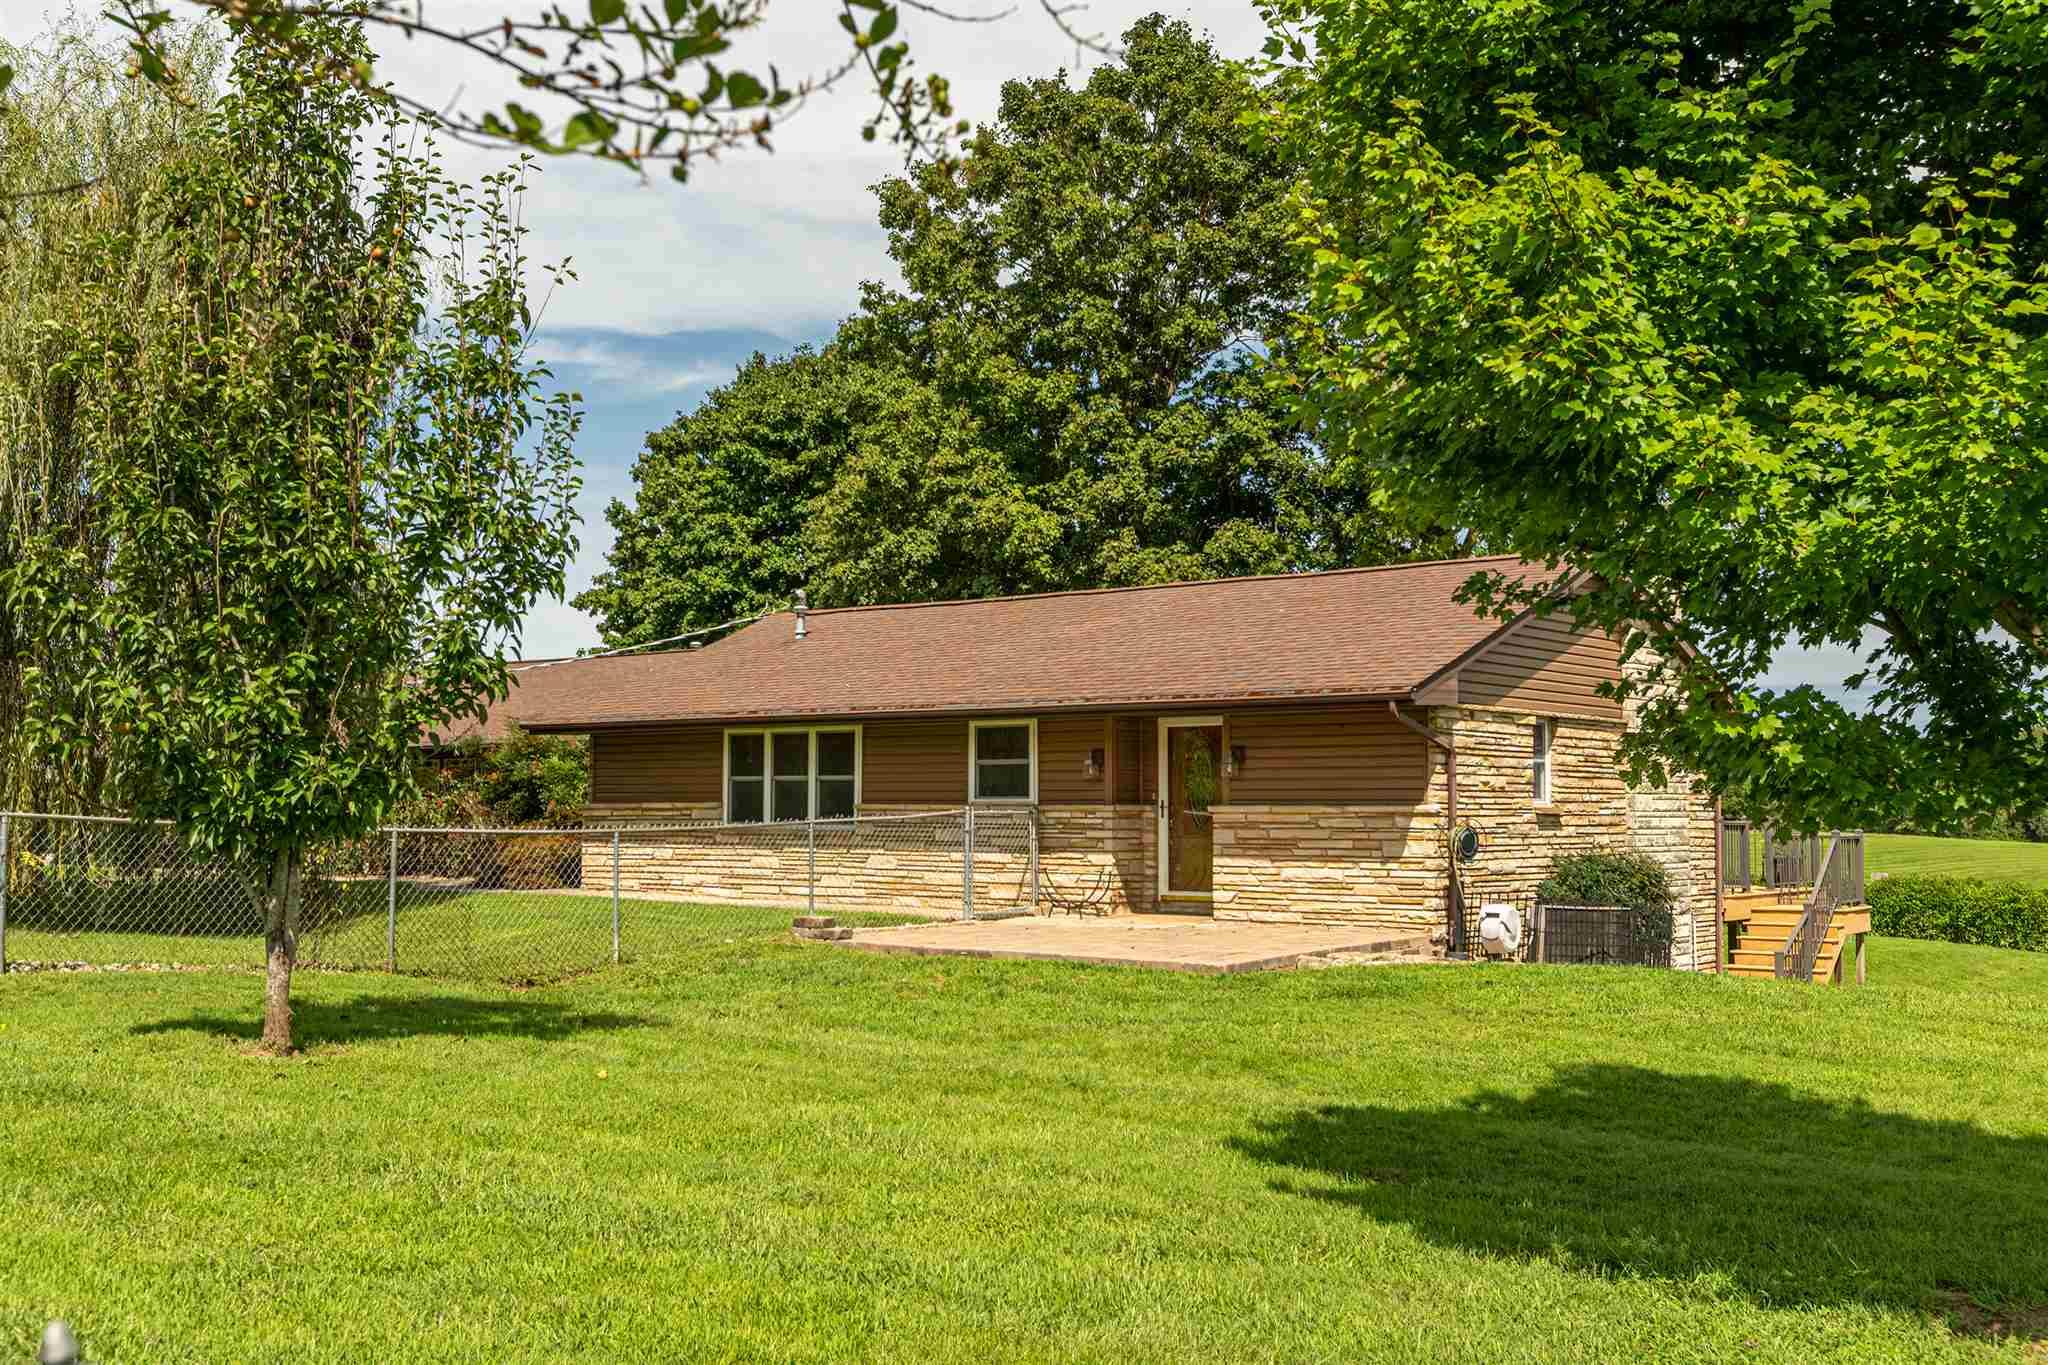 885 Casper Church Property Photo - Anna, IL real estate listing